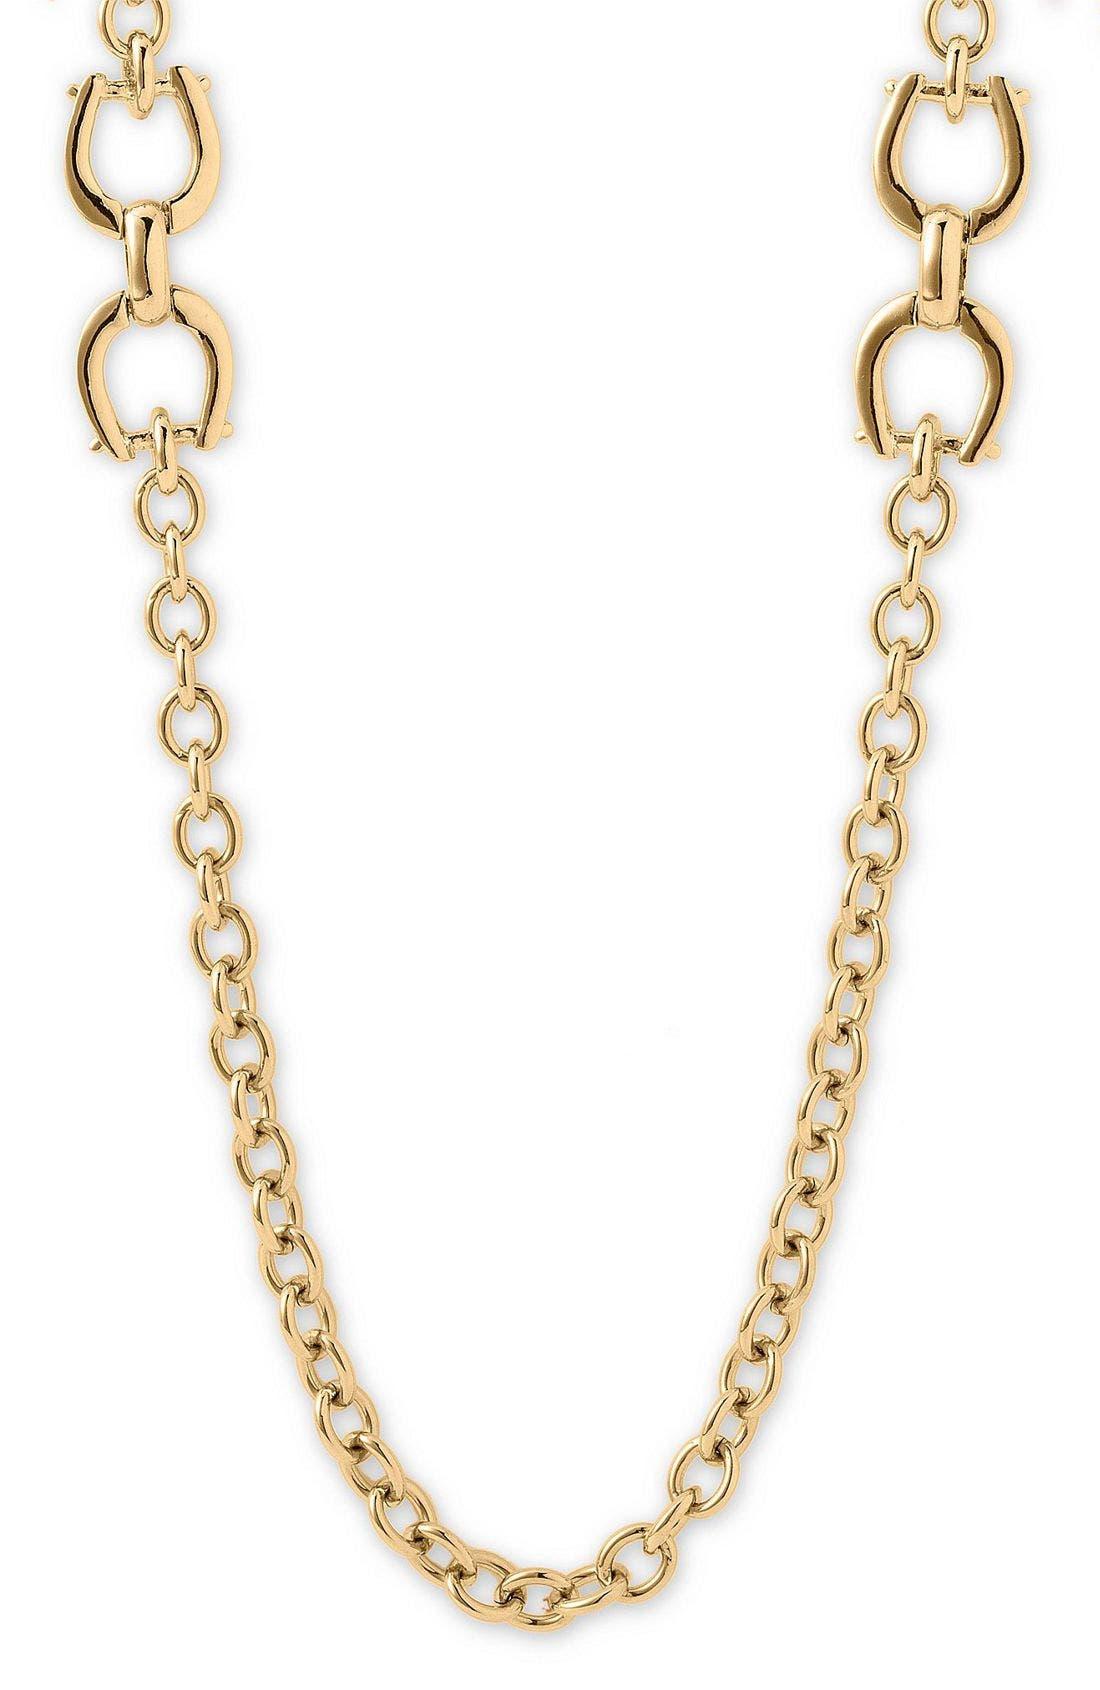 Main Image - Lauren by Ralph Lauren 'Equestrian' Long Necklace